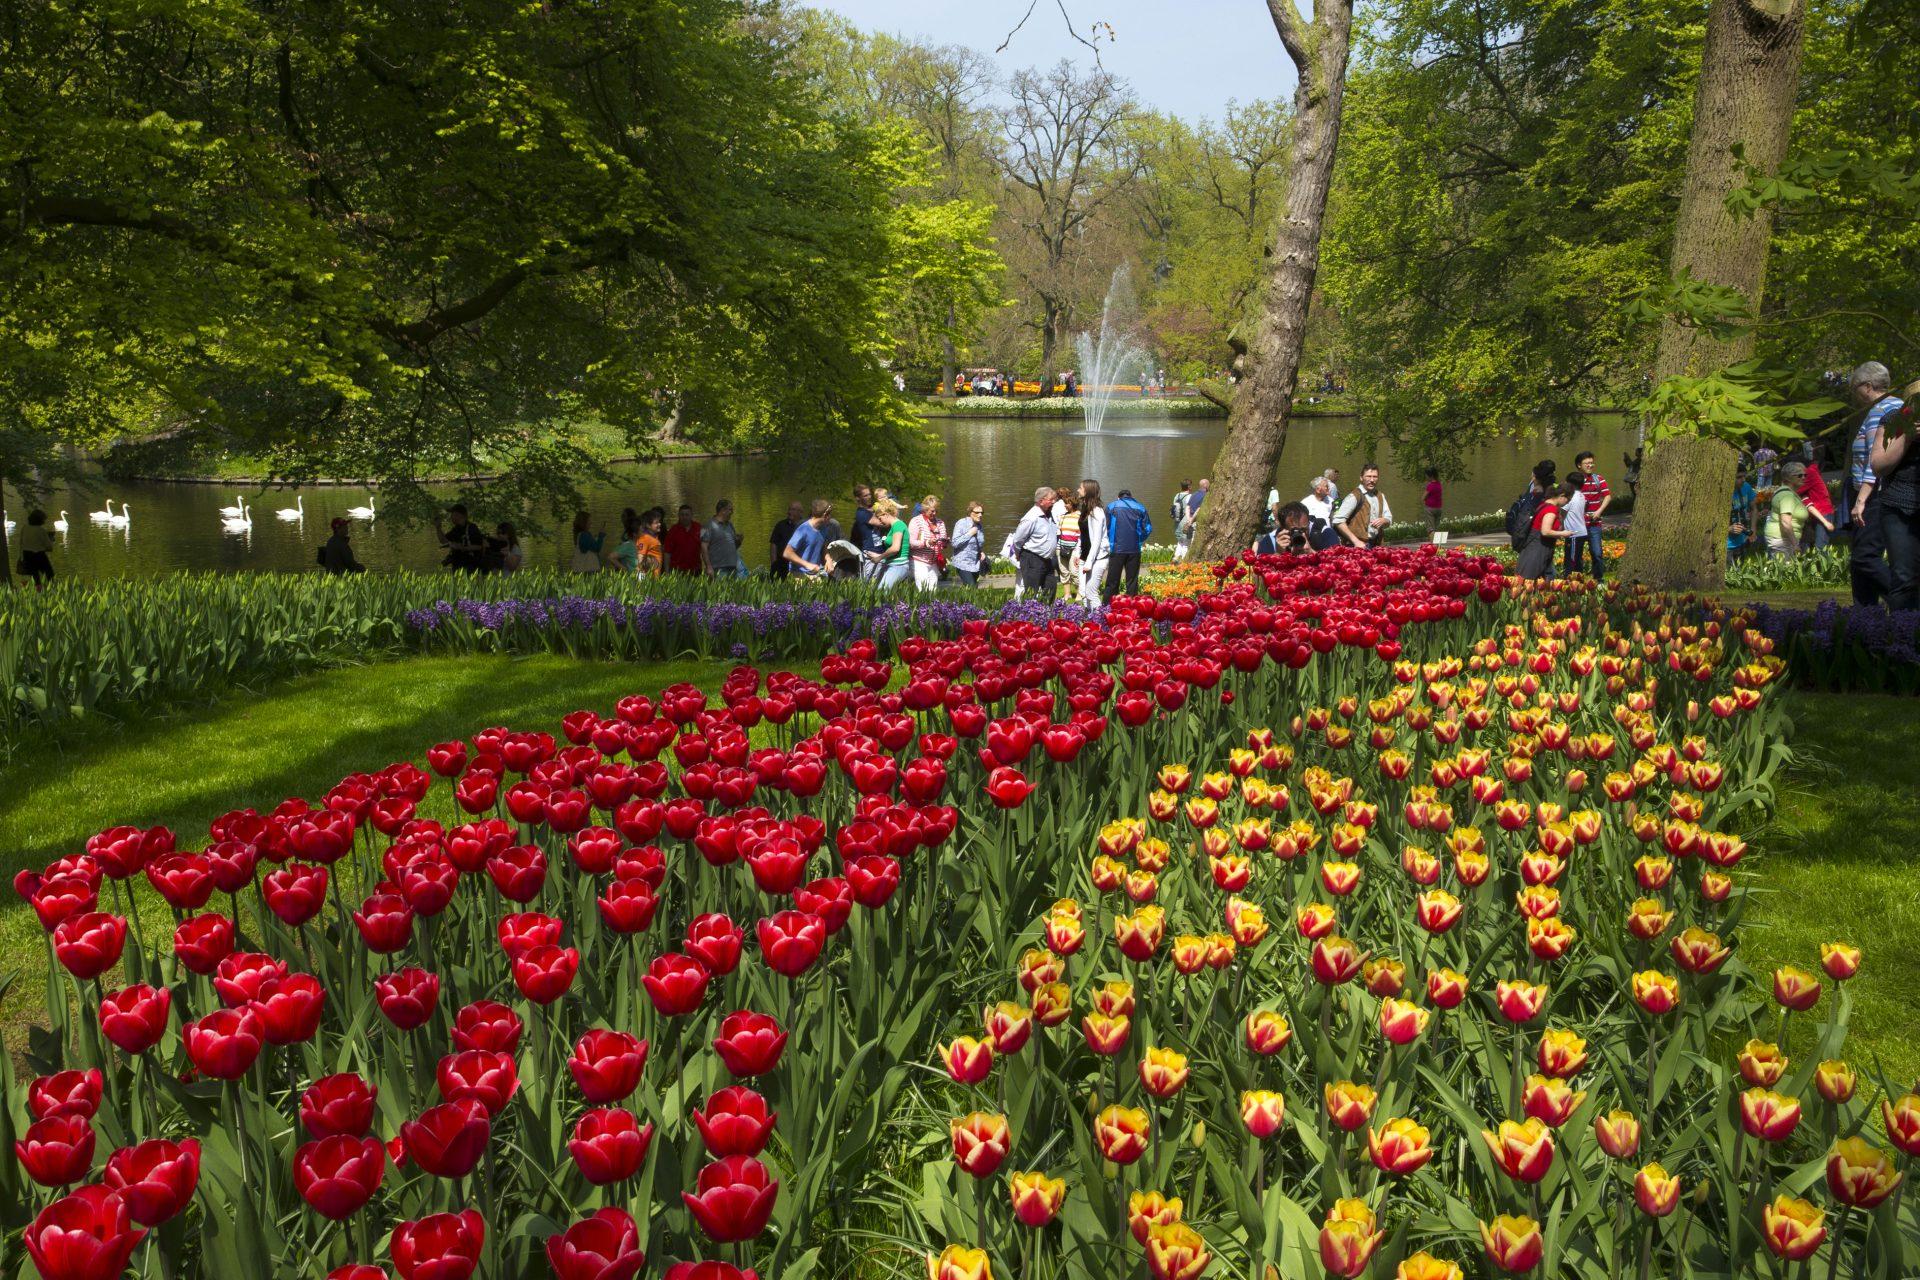 O parque Keukenhof é o maior do mundo e está aberto ao público apenas durante um curto período do ano